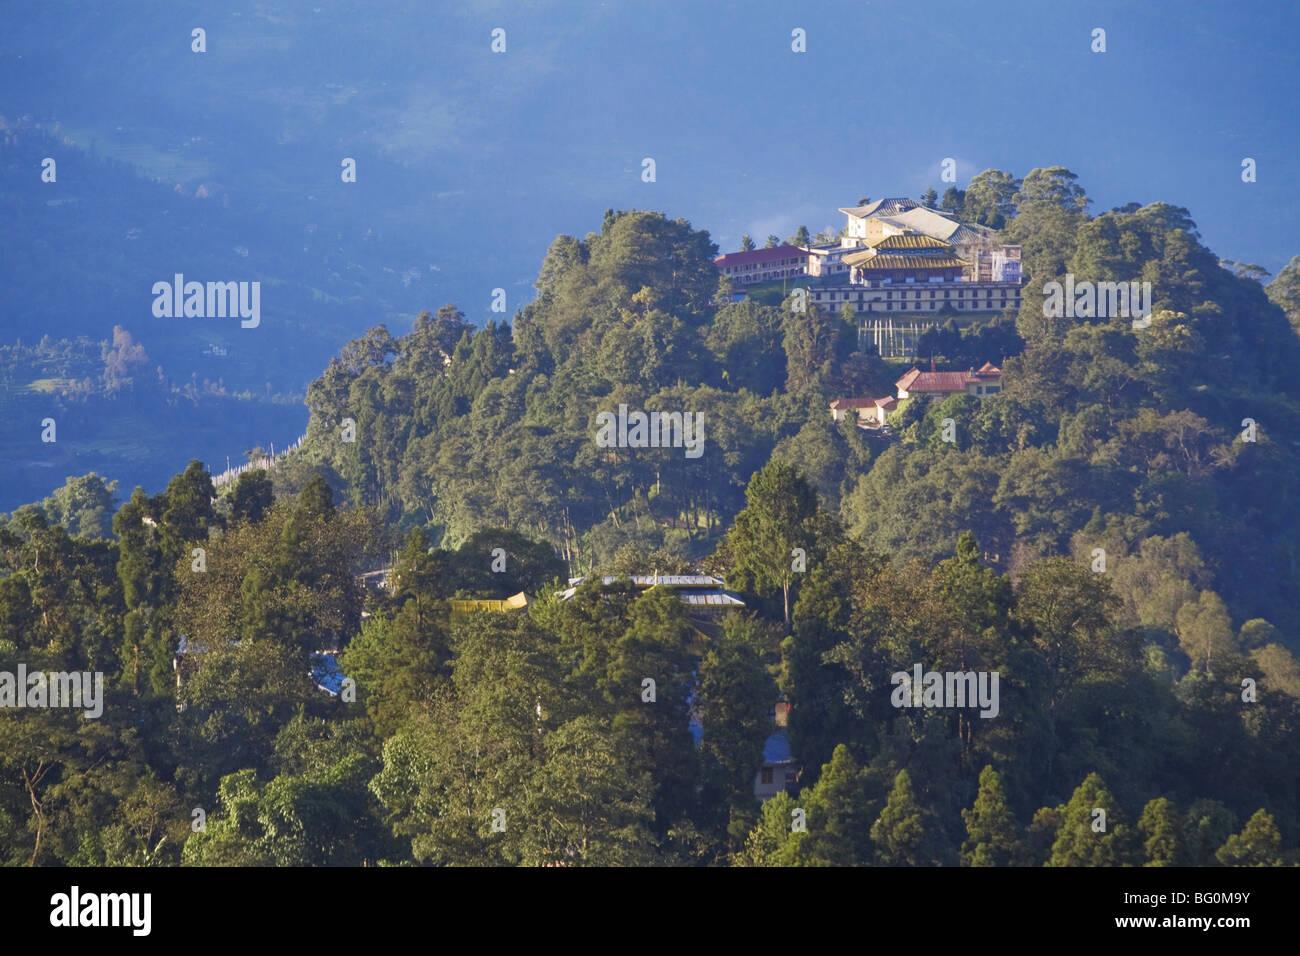 Vista della città dal punto di vista Tashi del Palazzo Reale Monastero, Gangtok, Sikkim, India, Asia Immagini Stock